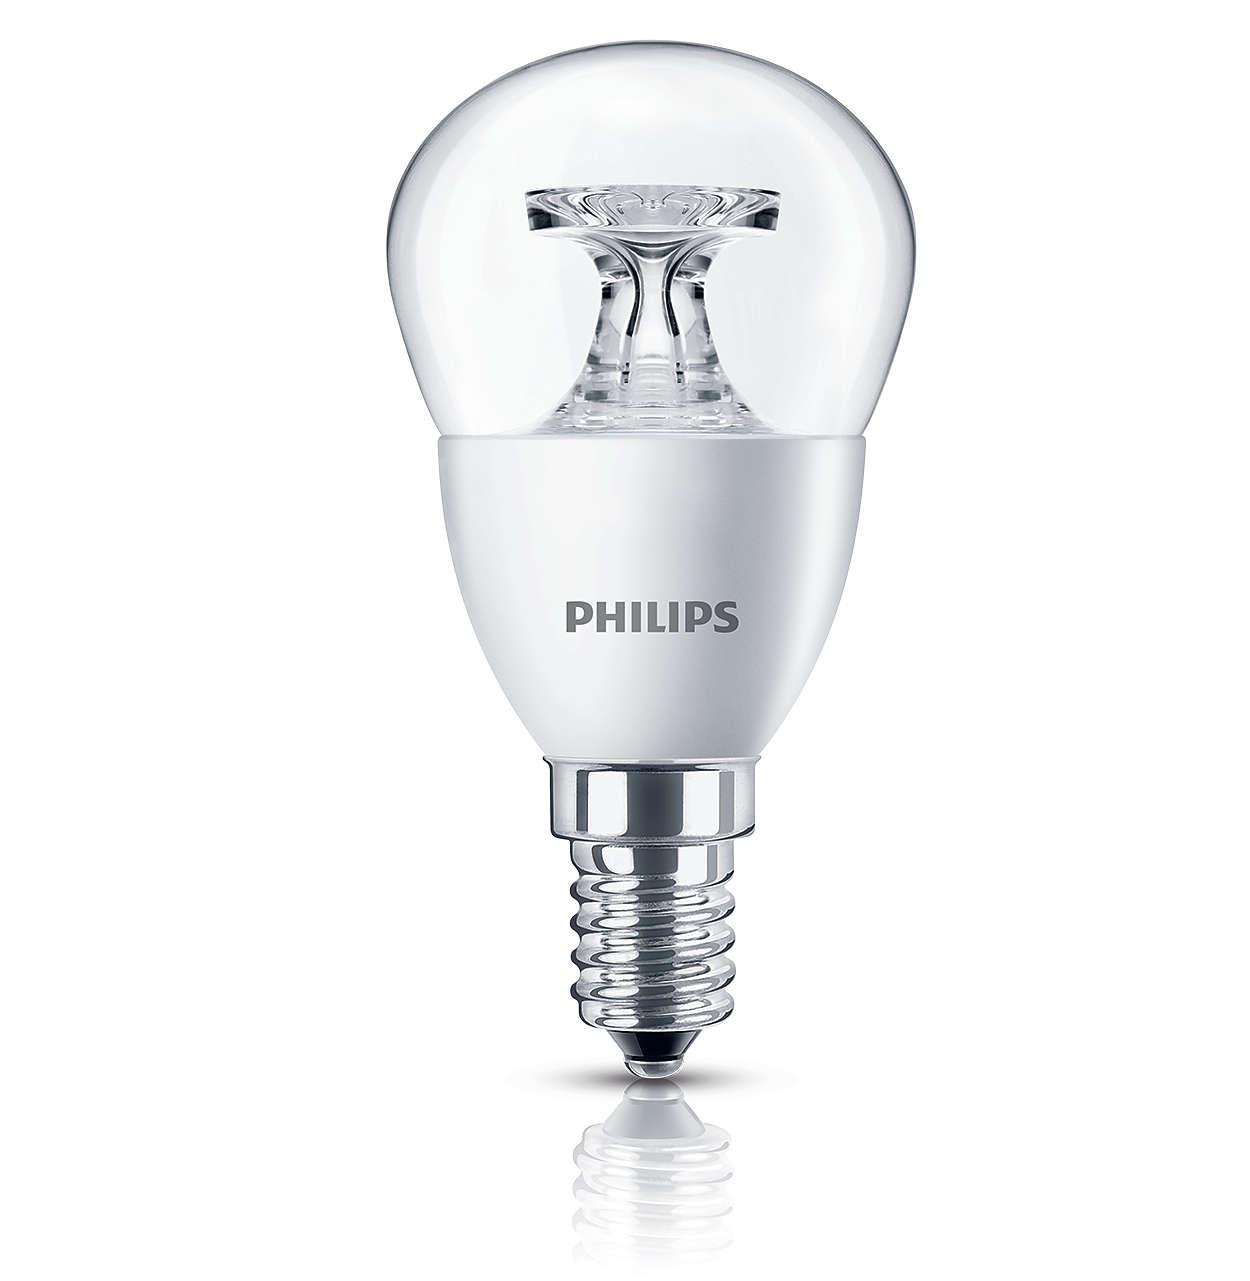 หลอดกลม LED คมชัดเจิดจ้า เพิ่มความสะดวกสบายให้แก่บ้านของคุณ